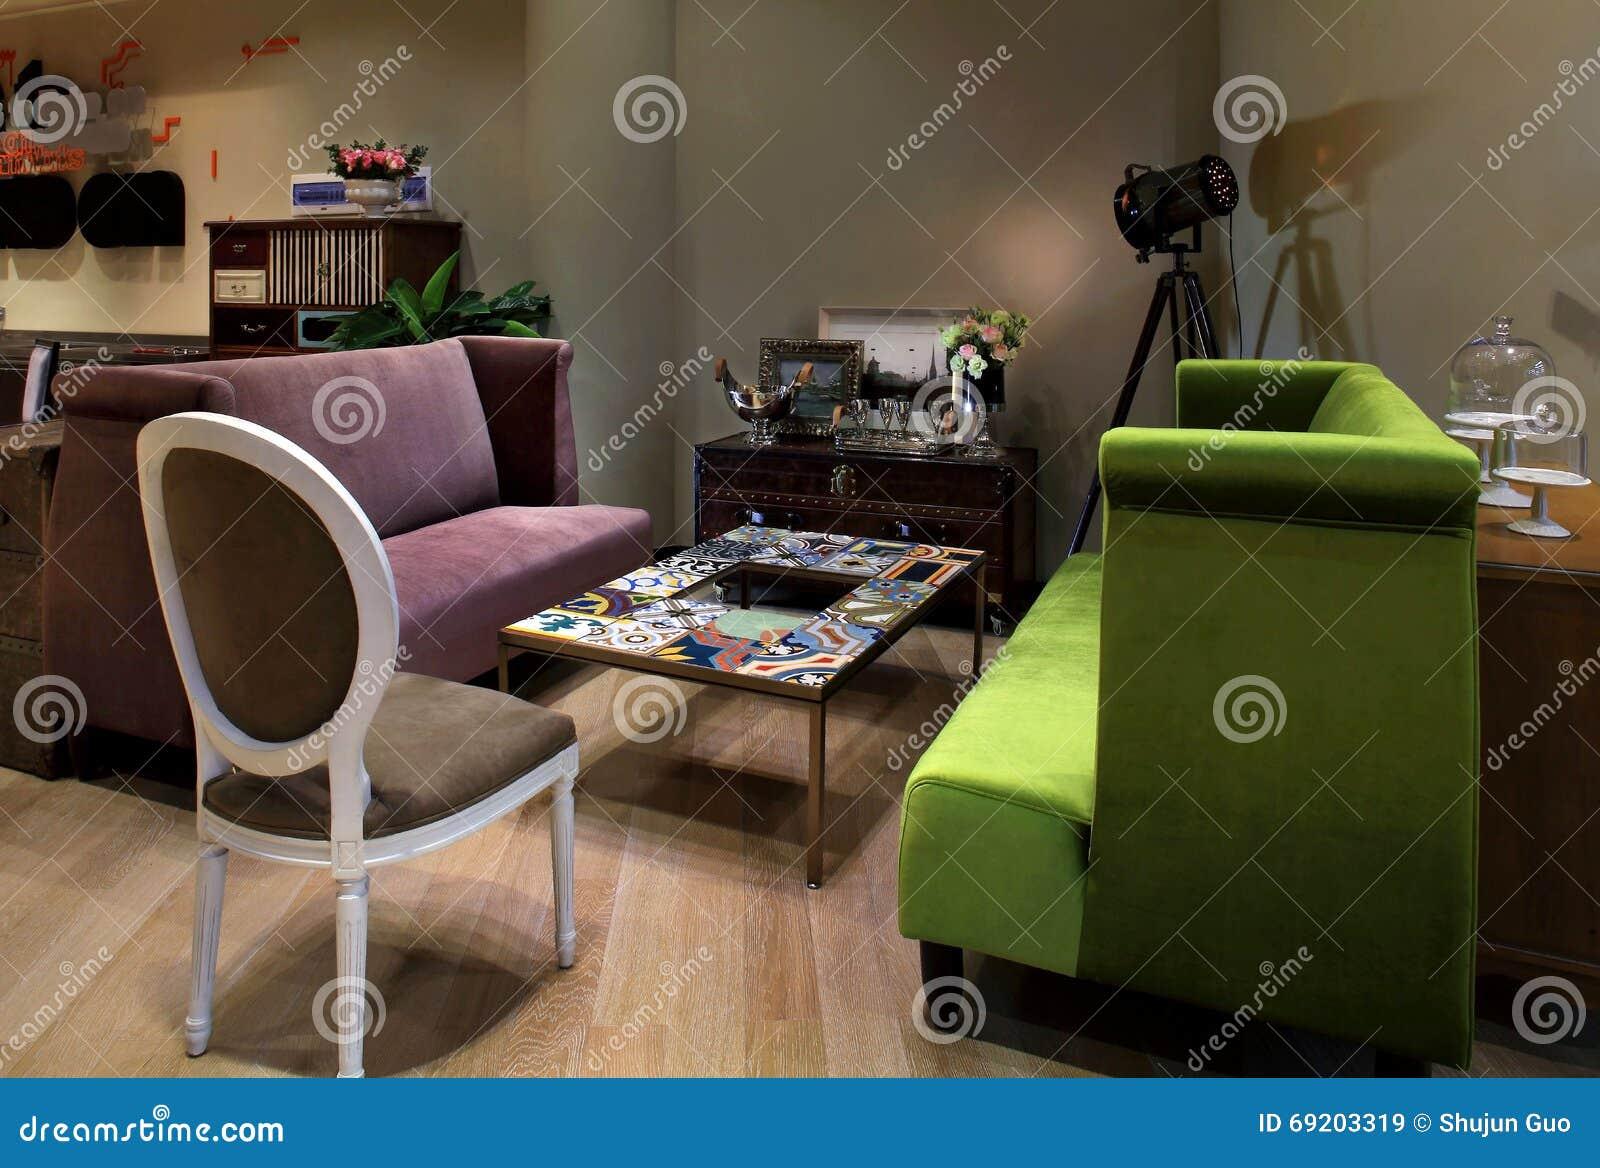 Interior space art design editorial stock image image for Space art design